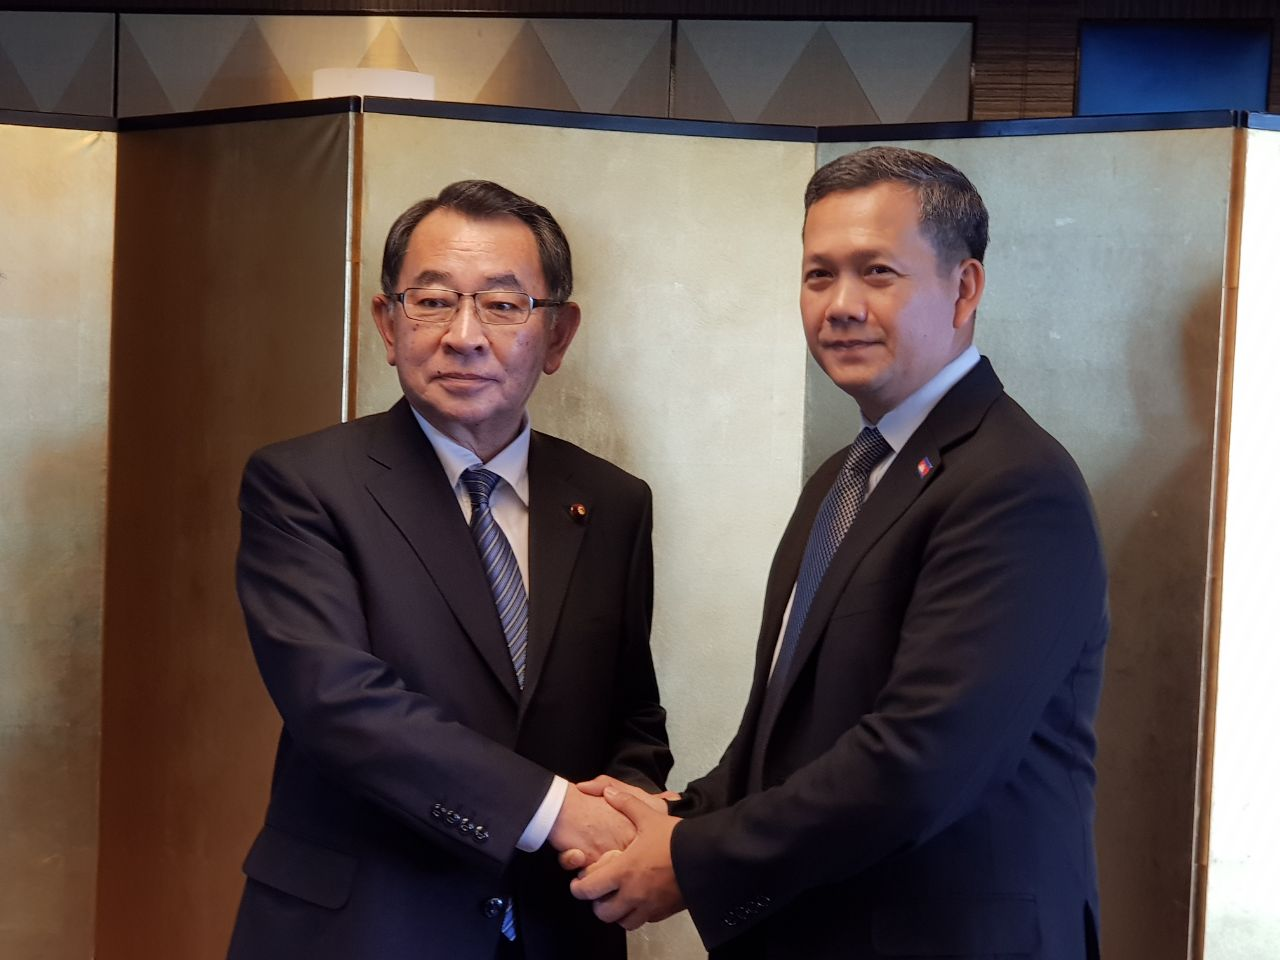 លោក ហ៊ុន ម៉ាណែត ជួបសំណេះសំណាលជាមួយក្រុមសមាជិកសភាមិត្តភាពជប៉ុន-មេគង្គ (J-Mekong Parliamentary Friendship Group)